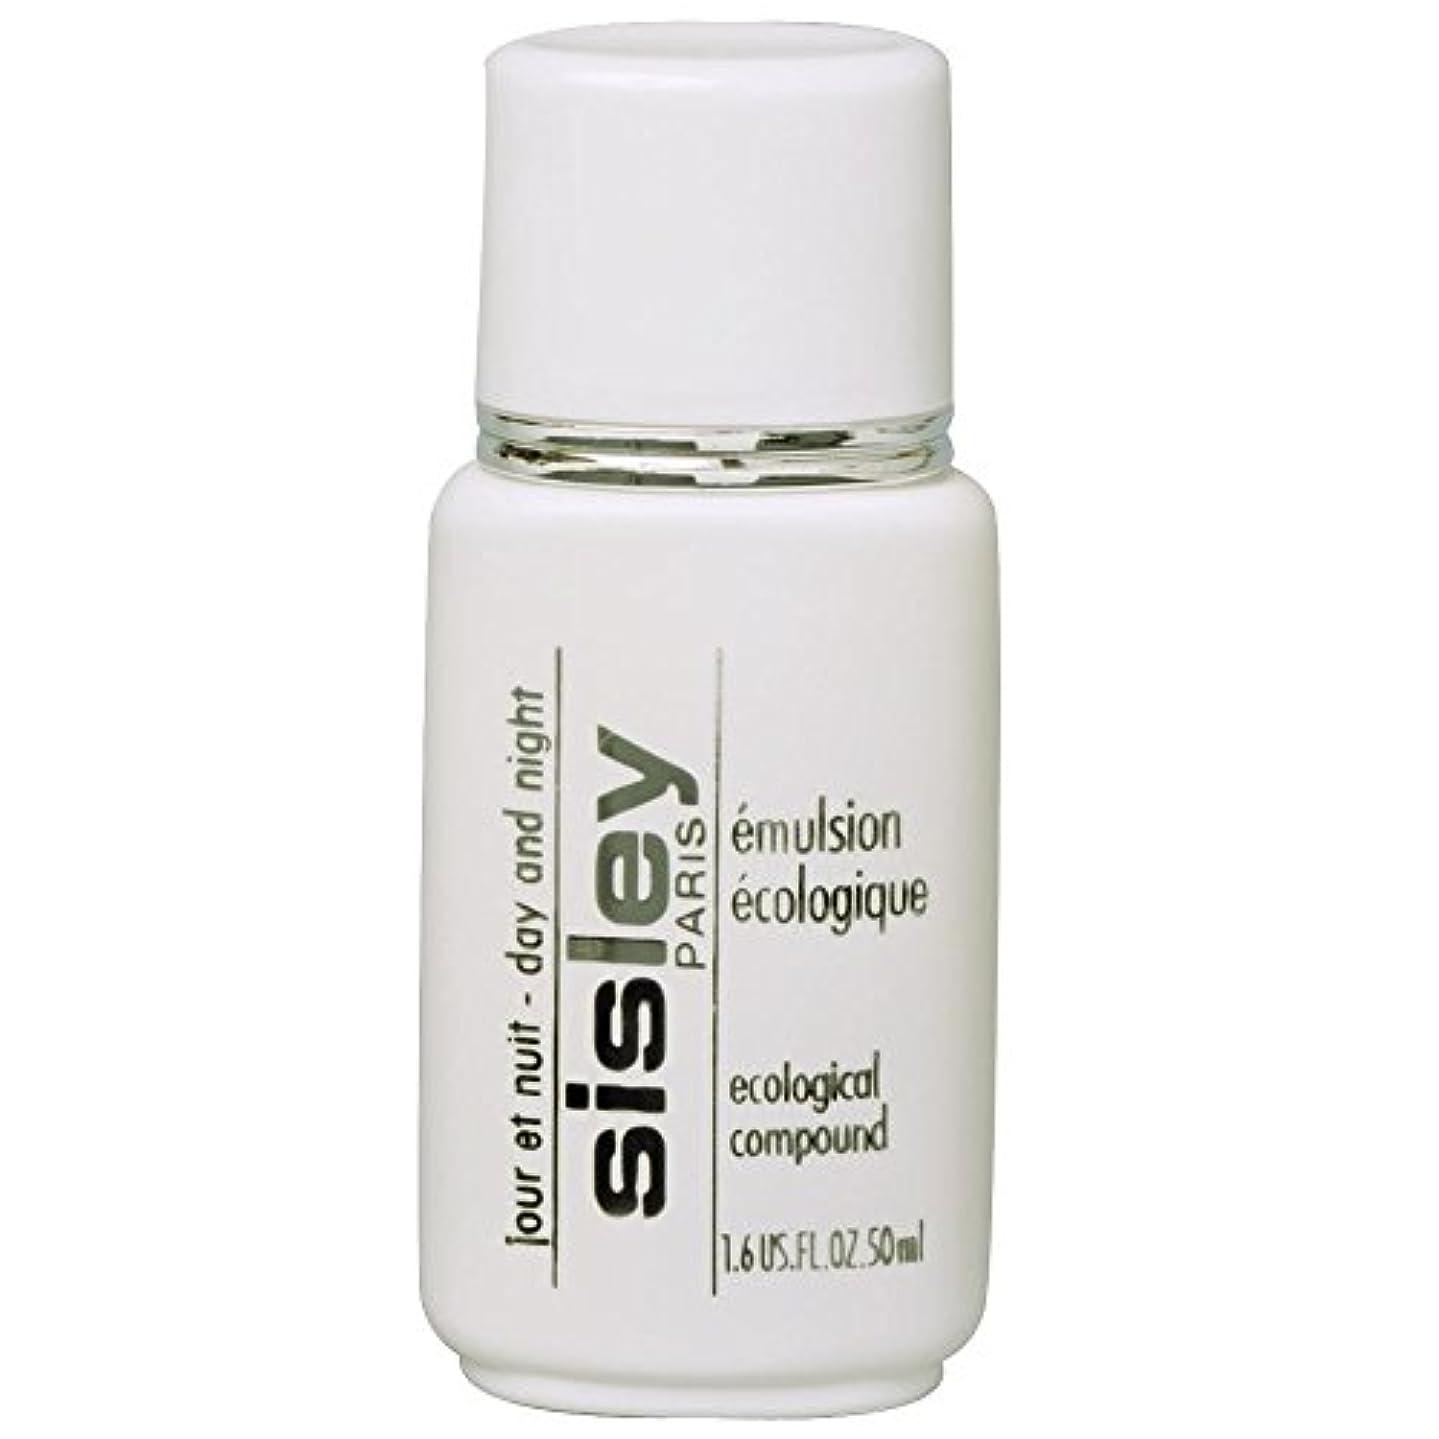 アナロジーサスペンド不快[Sisley] シスレーエコロジカルな化合物、50ミリリットル - Sisley Ecological Compound, 50ml [並行輸入品]